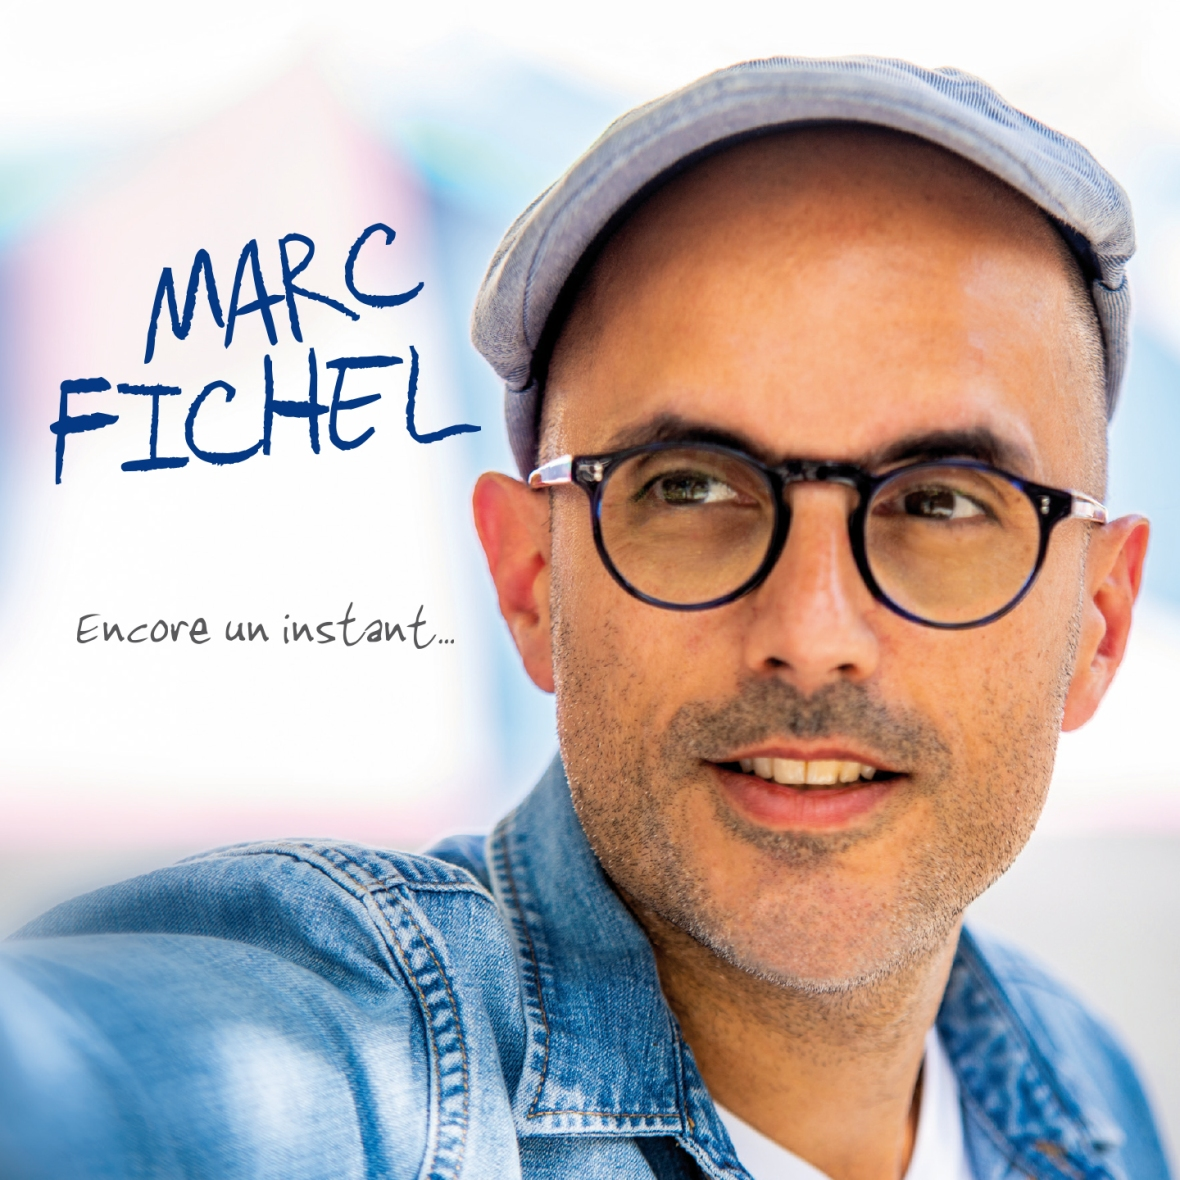 Marc Fichel - Encore un instant